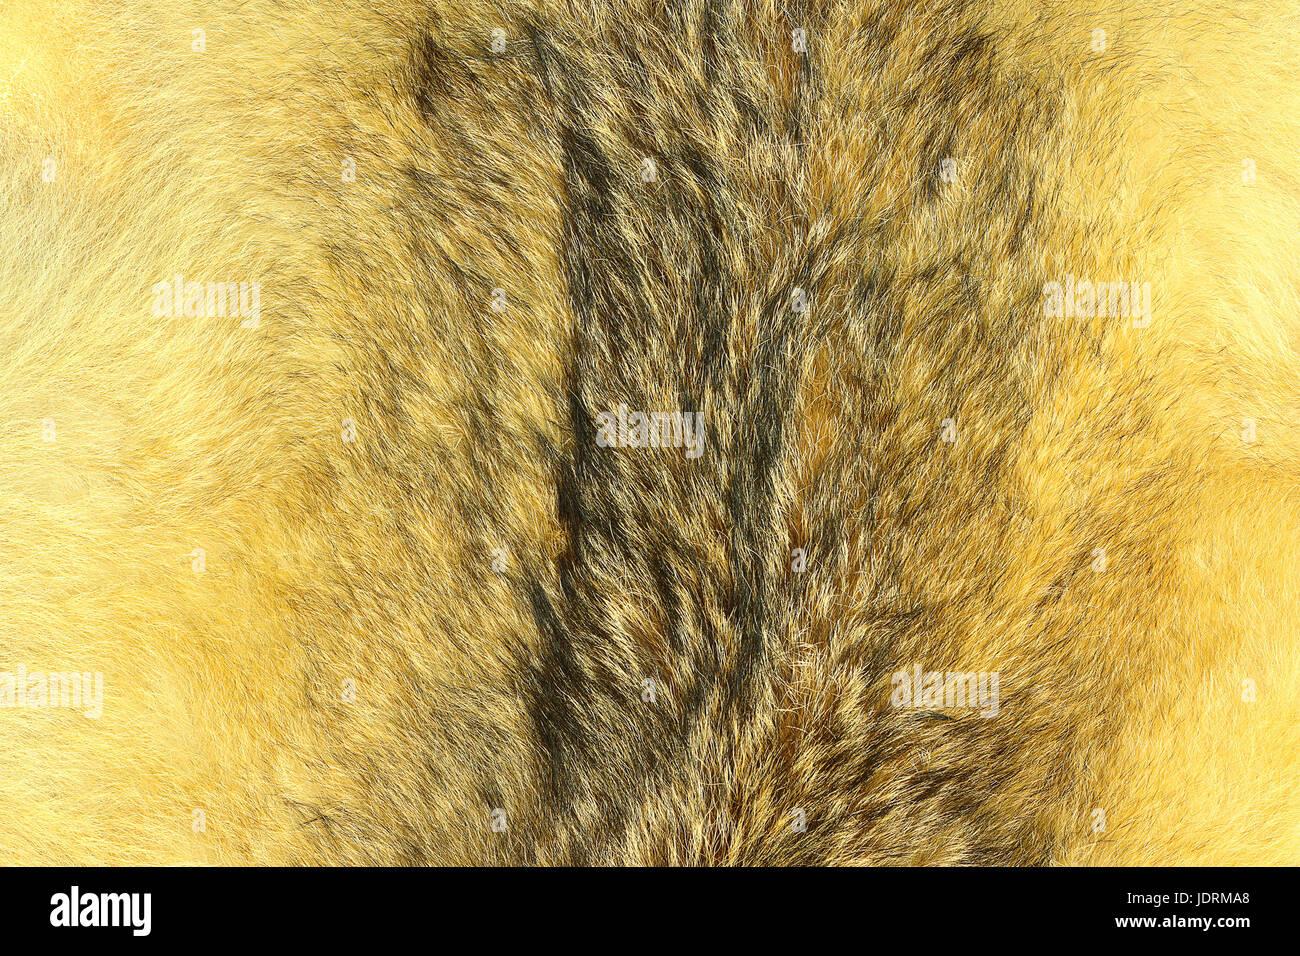 eurasian lynx fur, animal pelt texture for your design Stock Photo ... for Lynx Pelt  279cpg